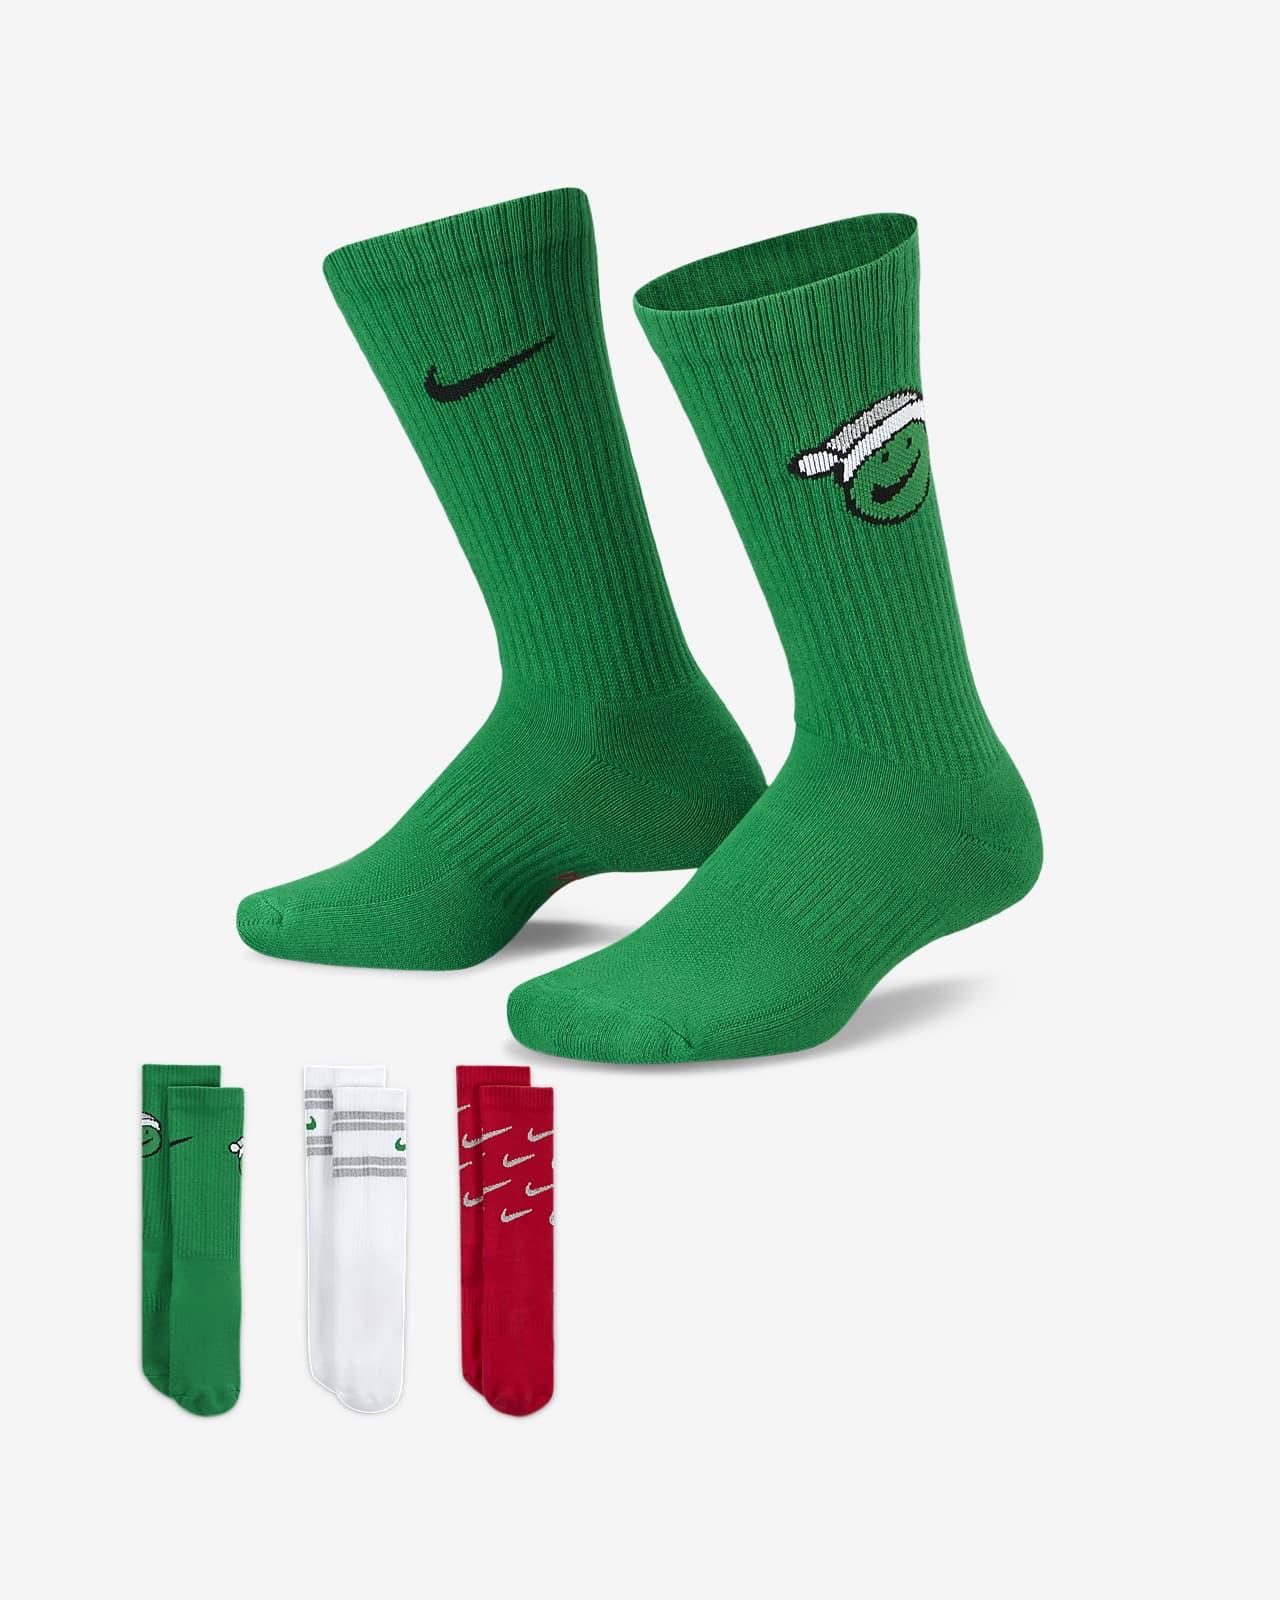 Nike Everyday gepolsterte Crew-Kindersocken (3 Paar)